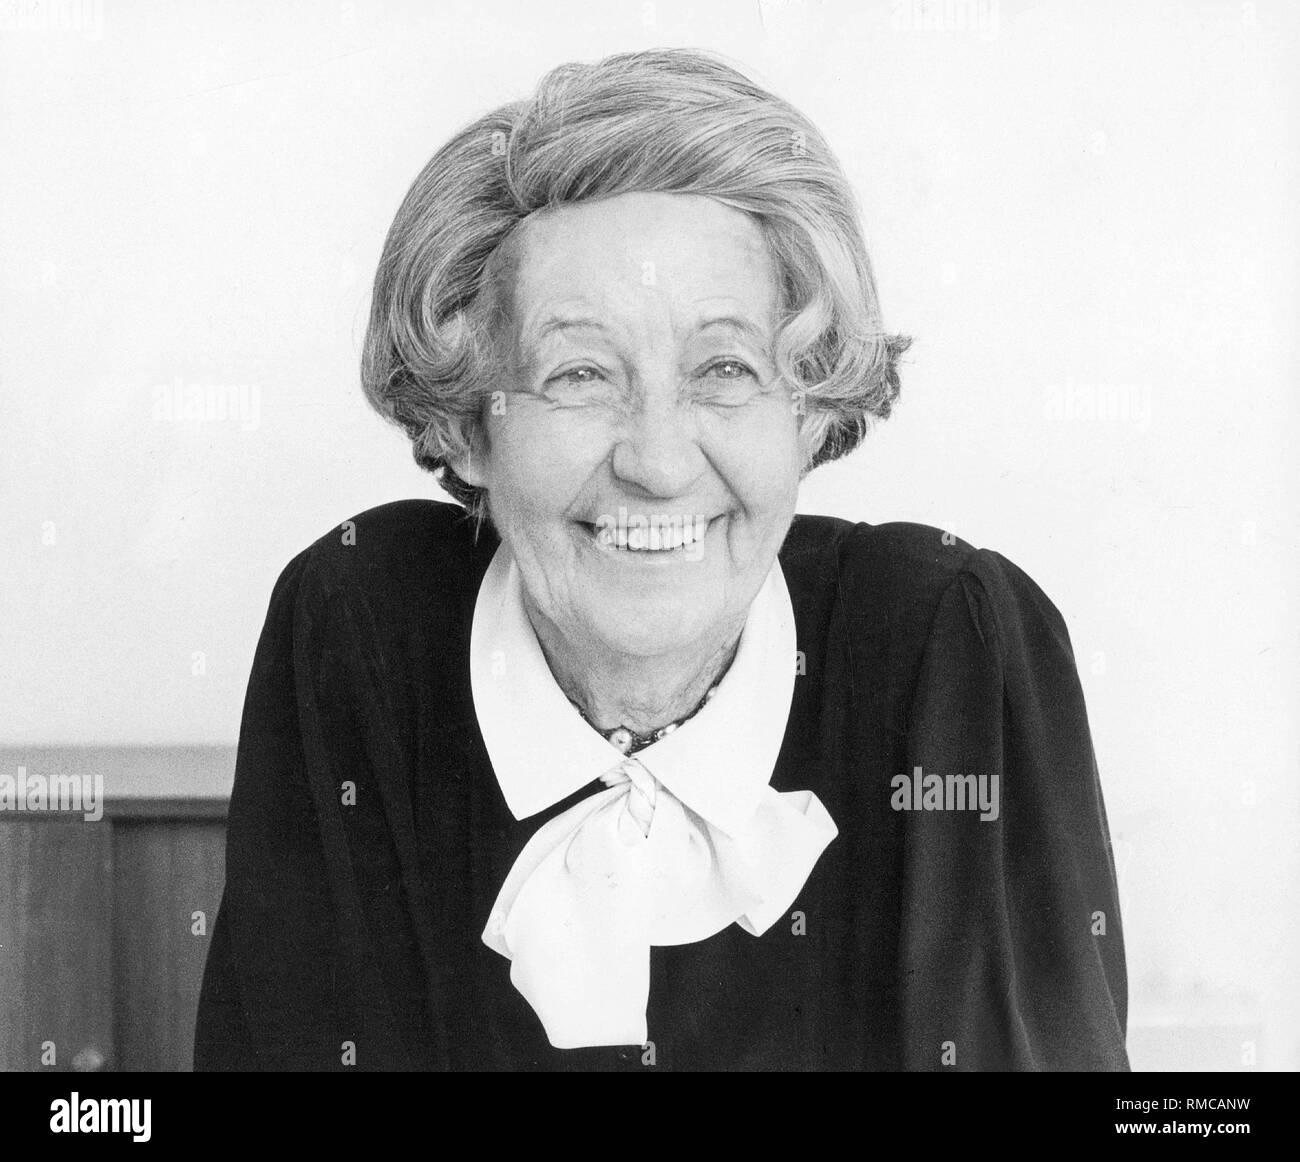 Ursula von Kardorff, a German journalist. - Stock Image